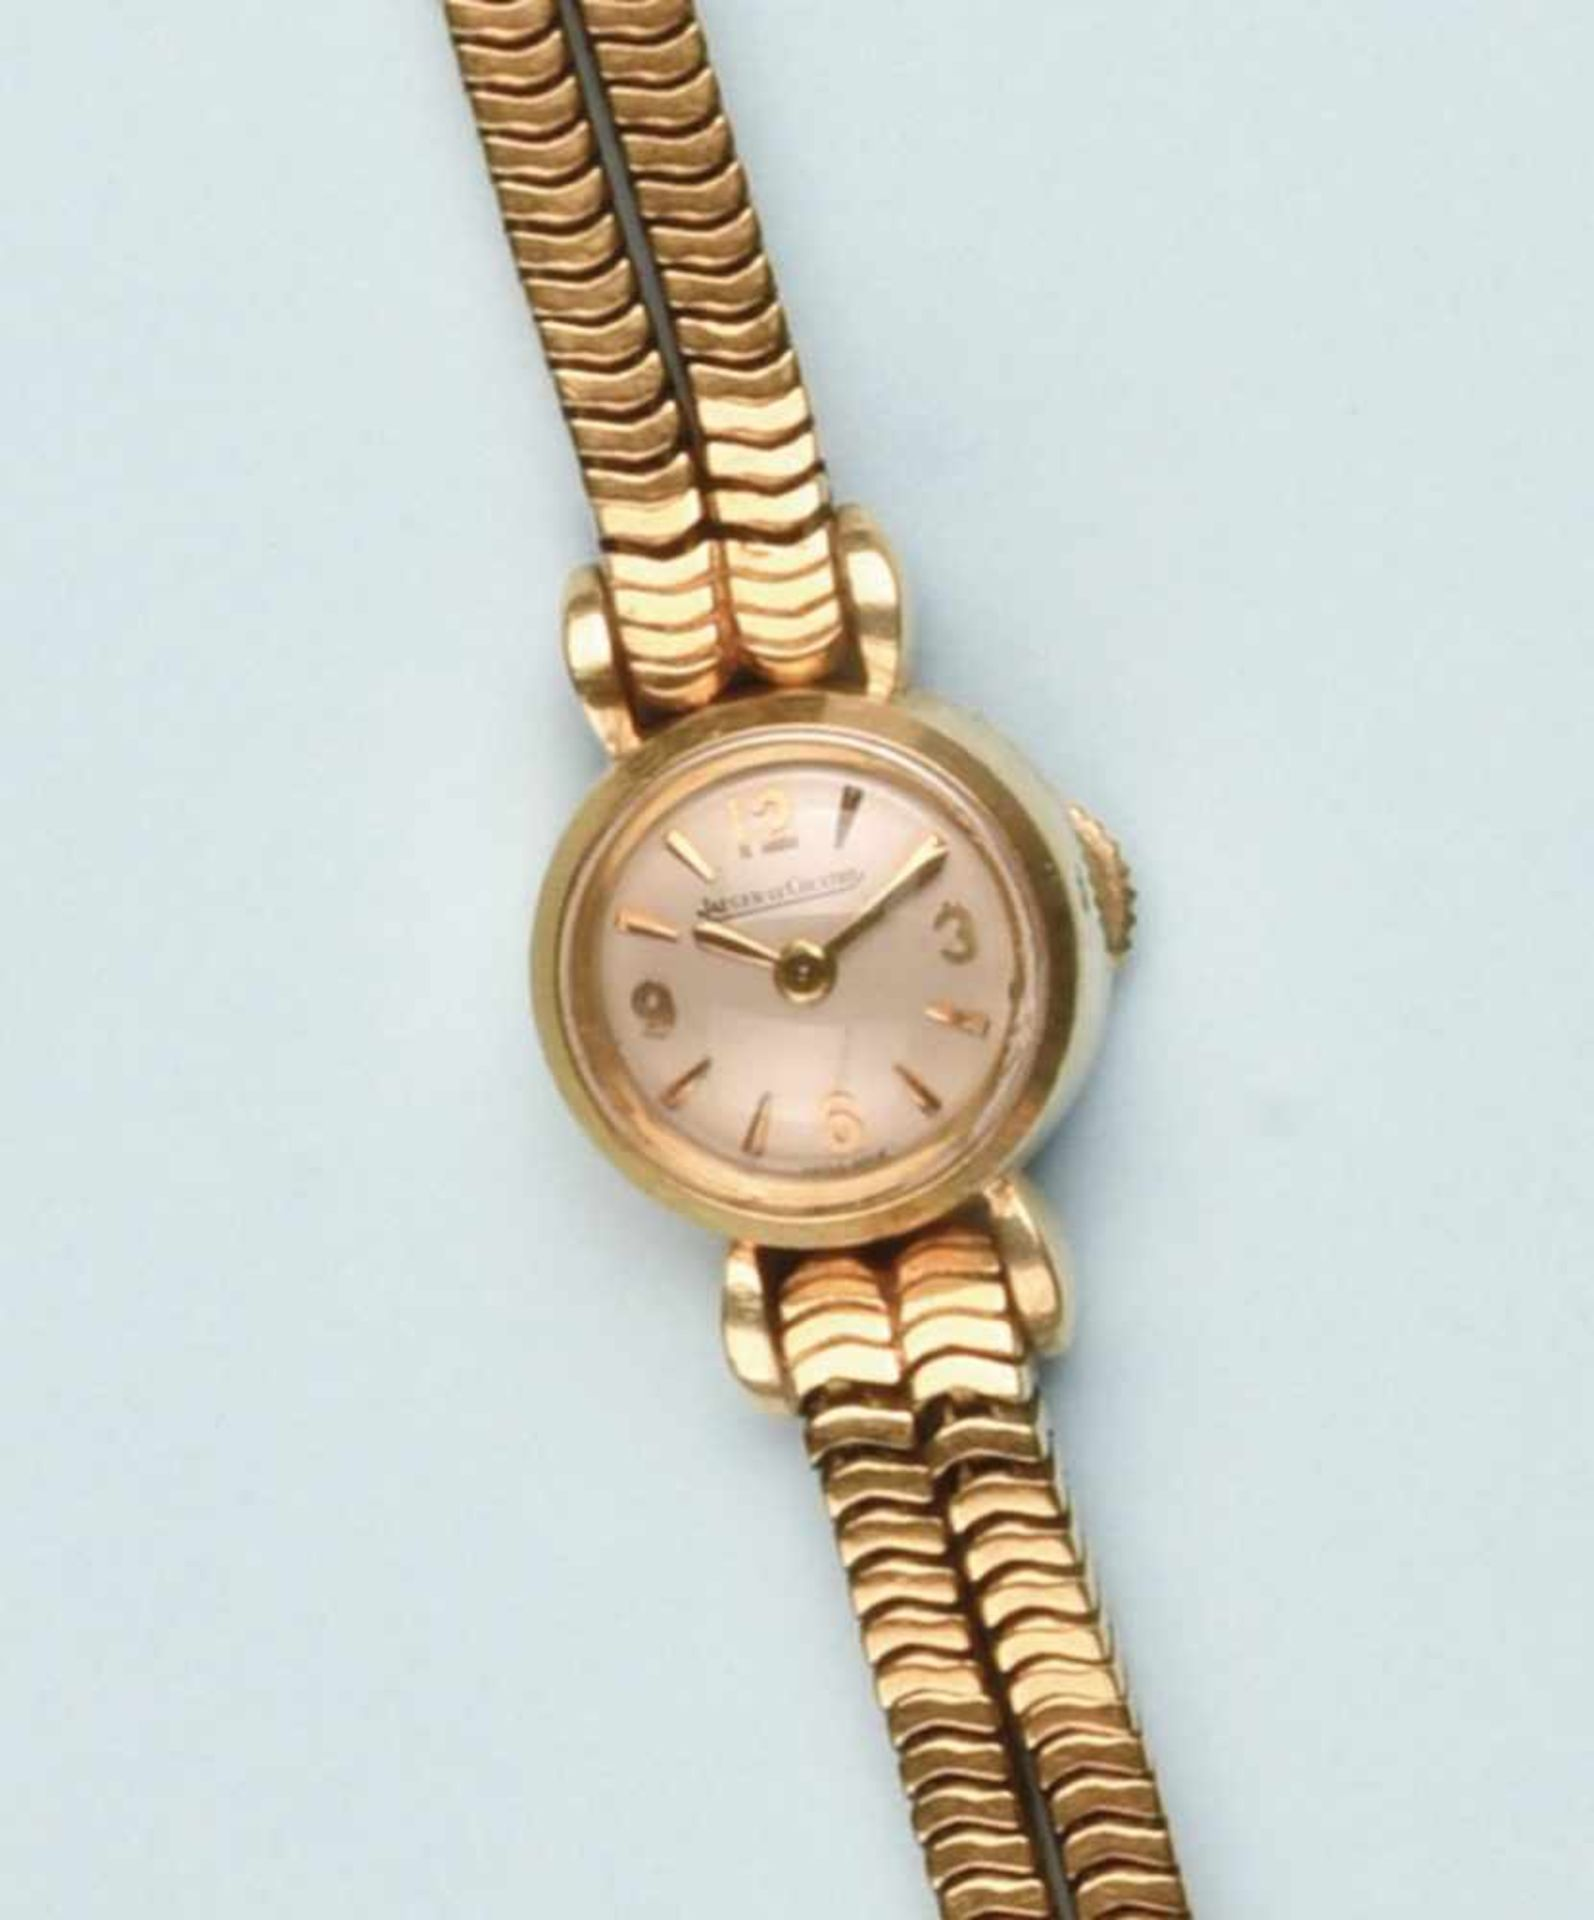 """Bracelet montre pour dame en or jaune 750 de marque """"JAEGER- LECOULTRE"""". La montre de forme ronde,"""